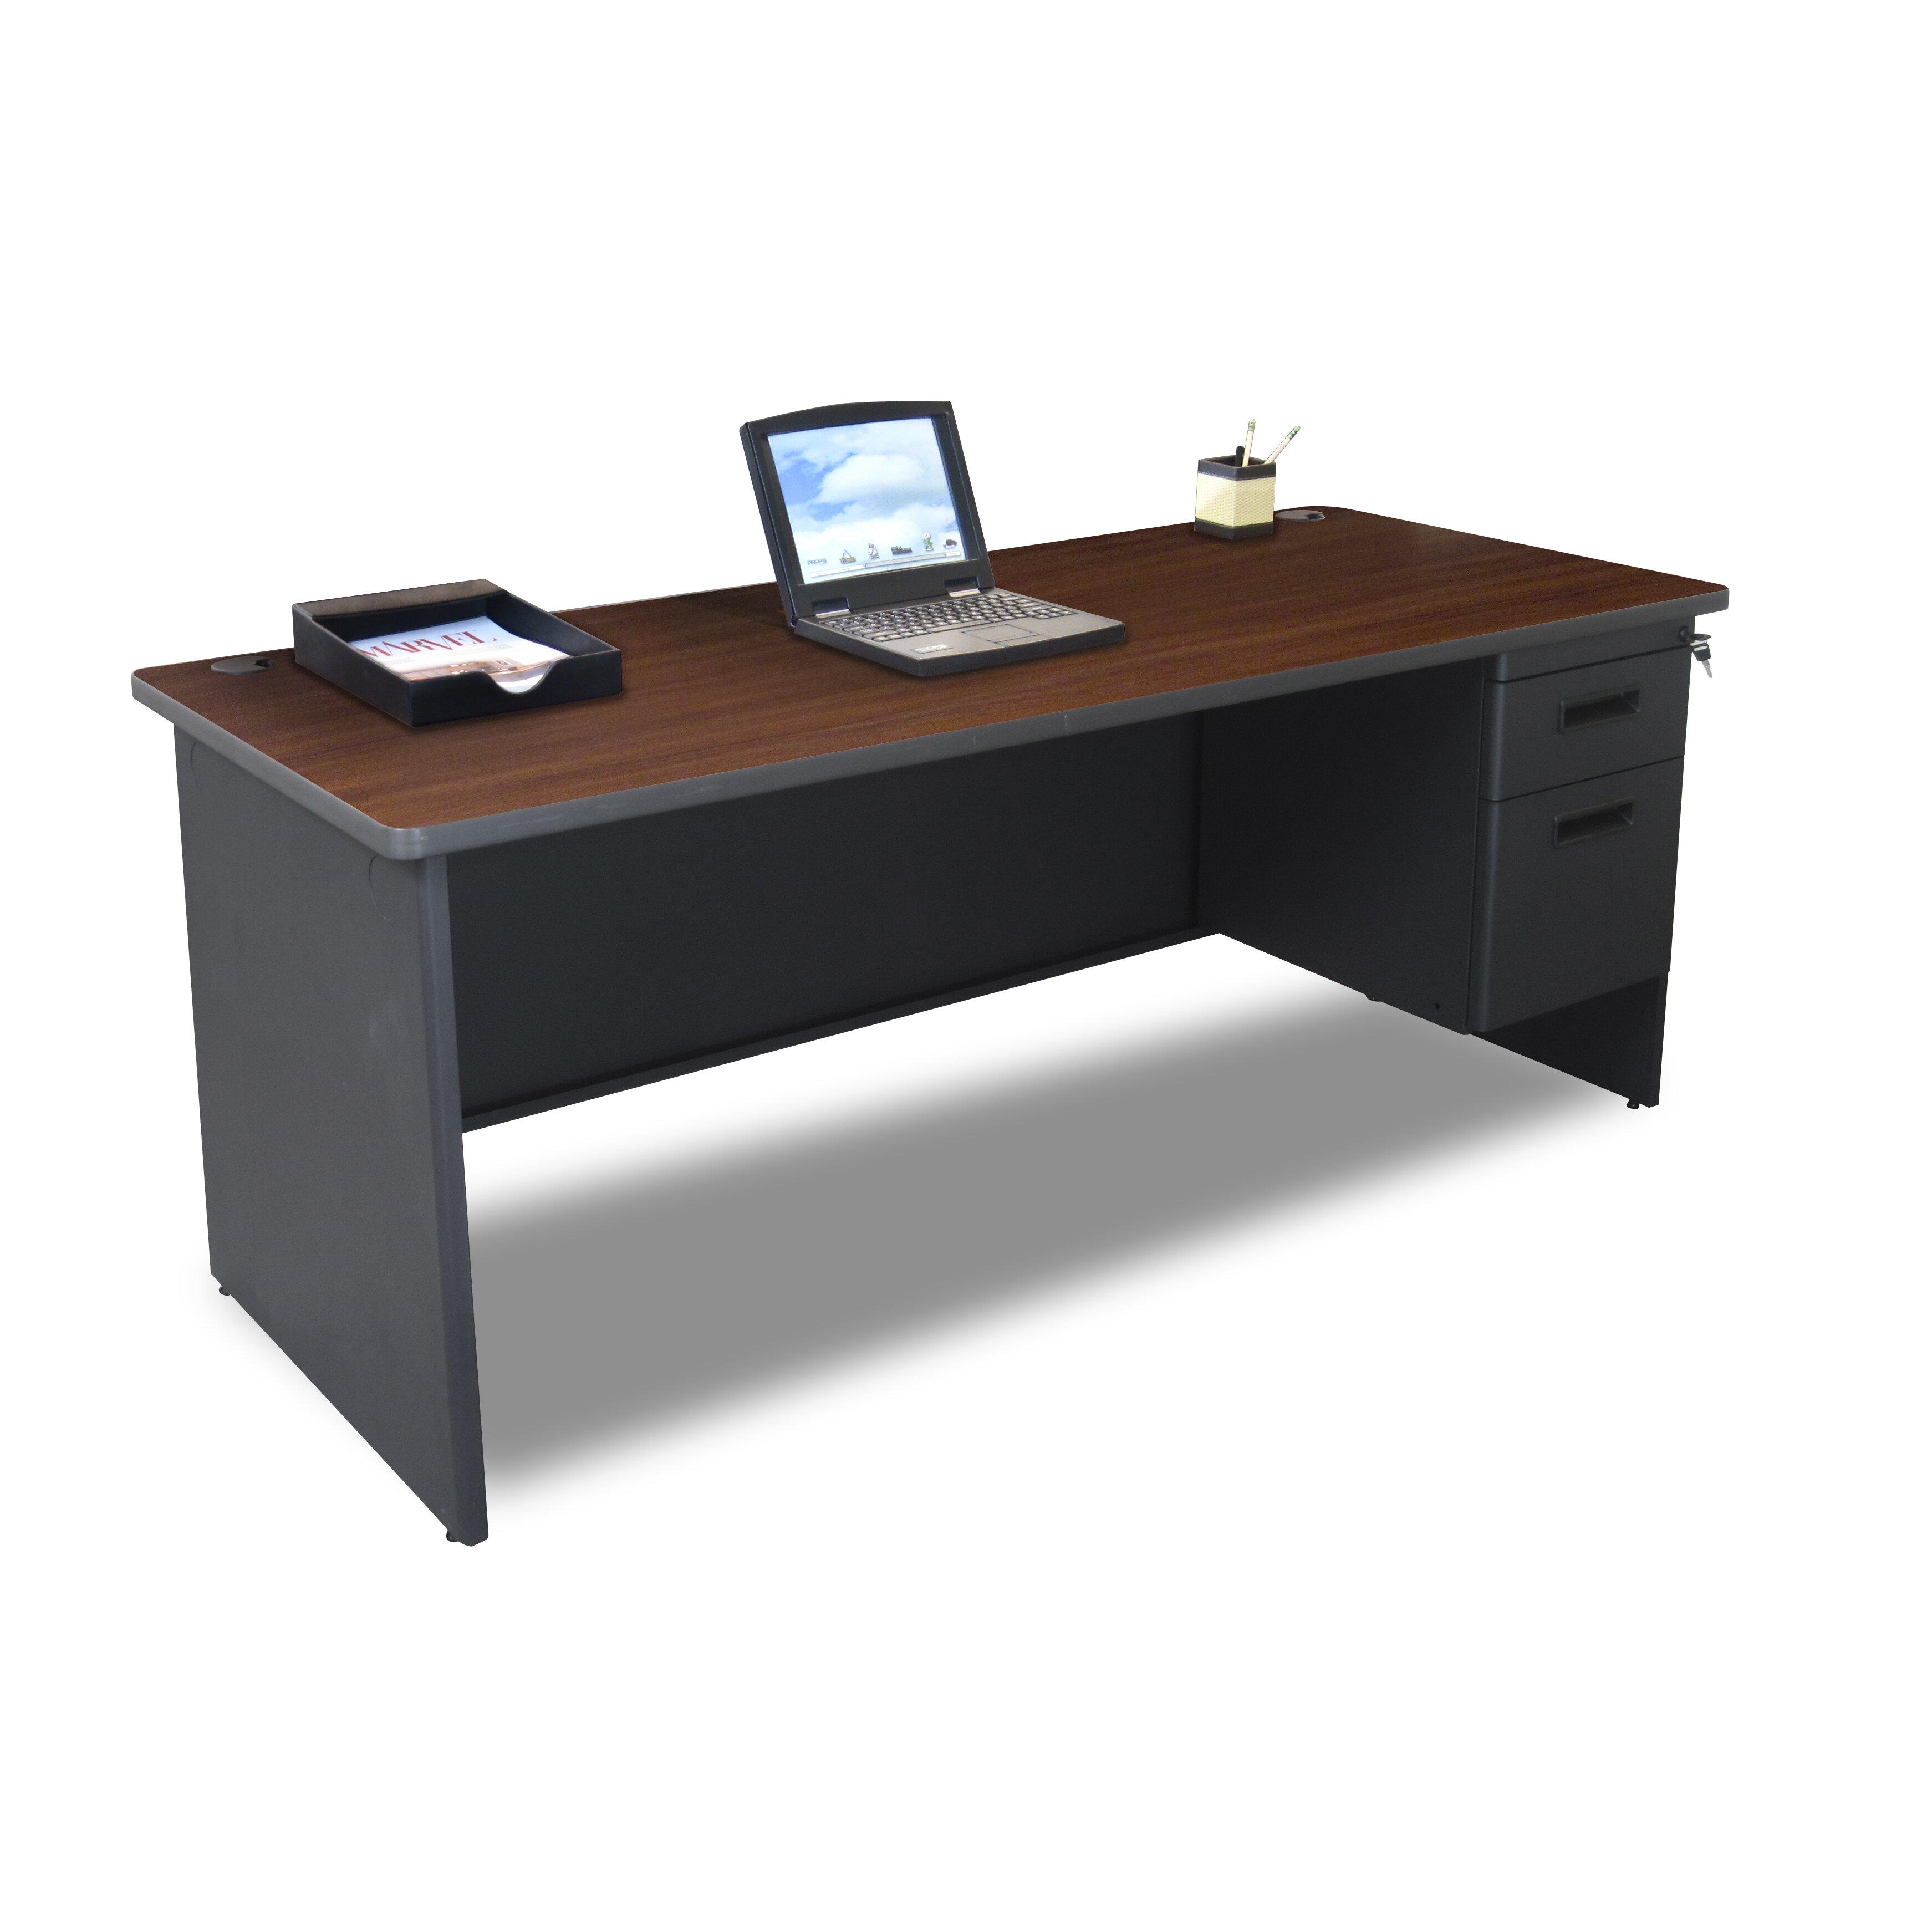 Supply Furniture  All Desks Marvel Office Furniture SKU: ELV1020